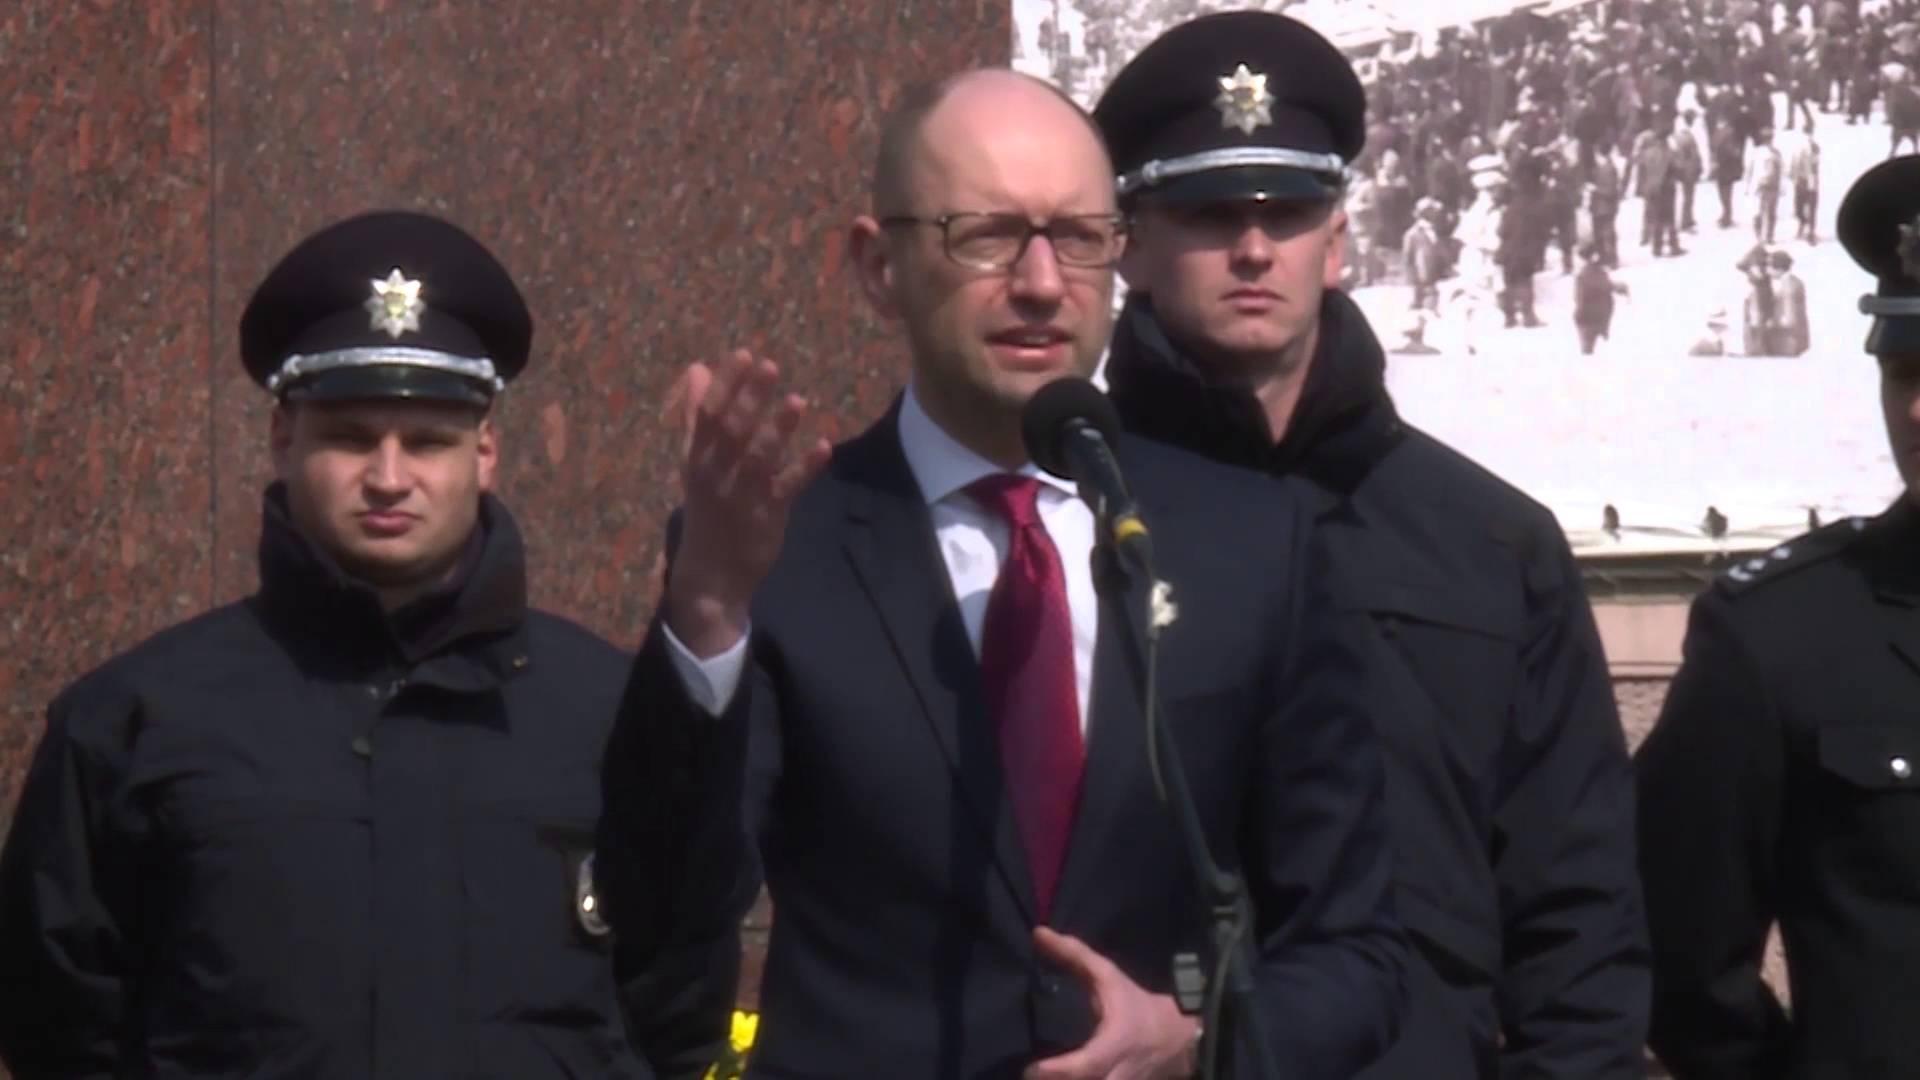 Премьер-министр Украины и министр внутренних дел приняли участие в церемонии присяги патрульной полиции в Черновцах